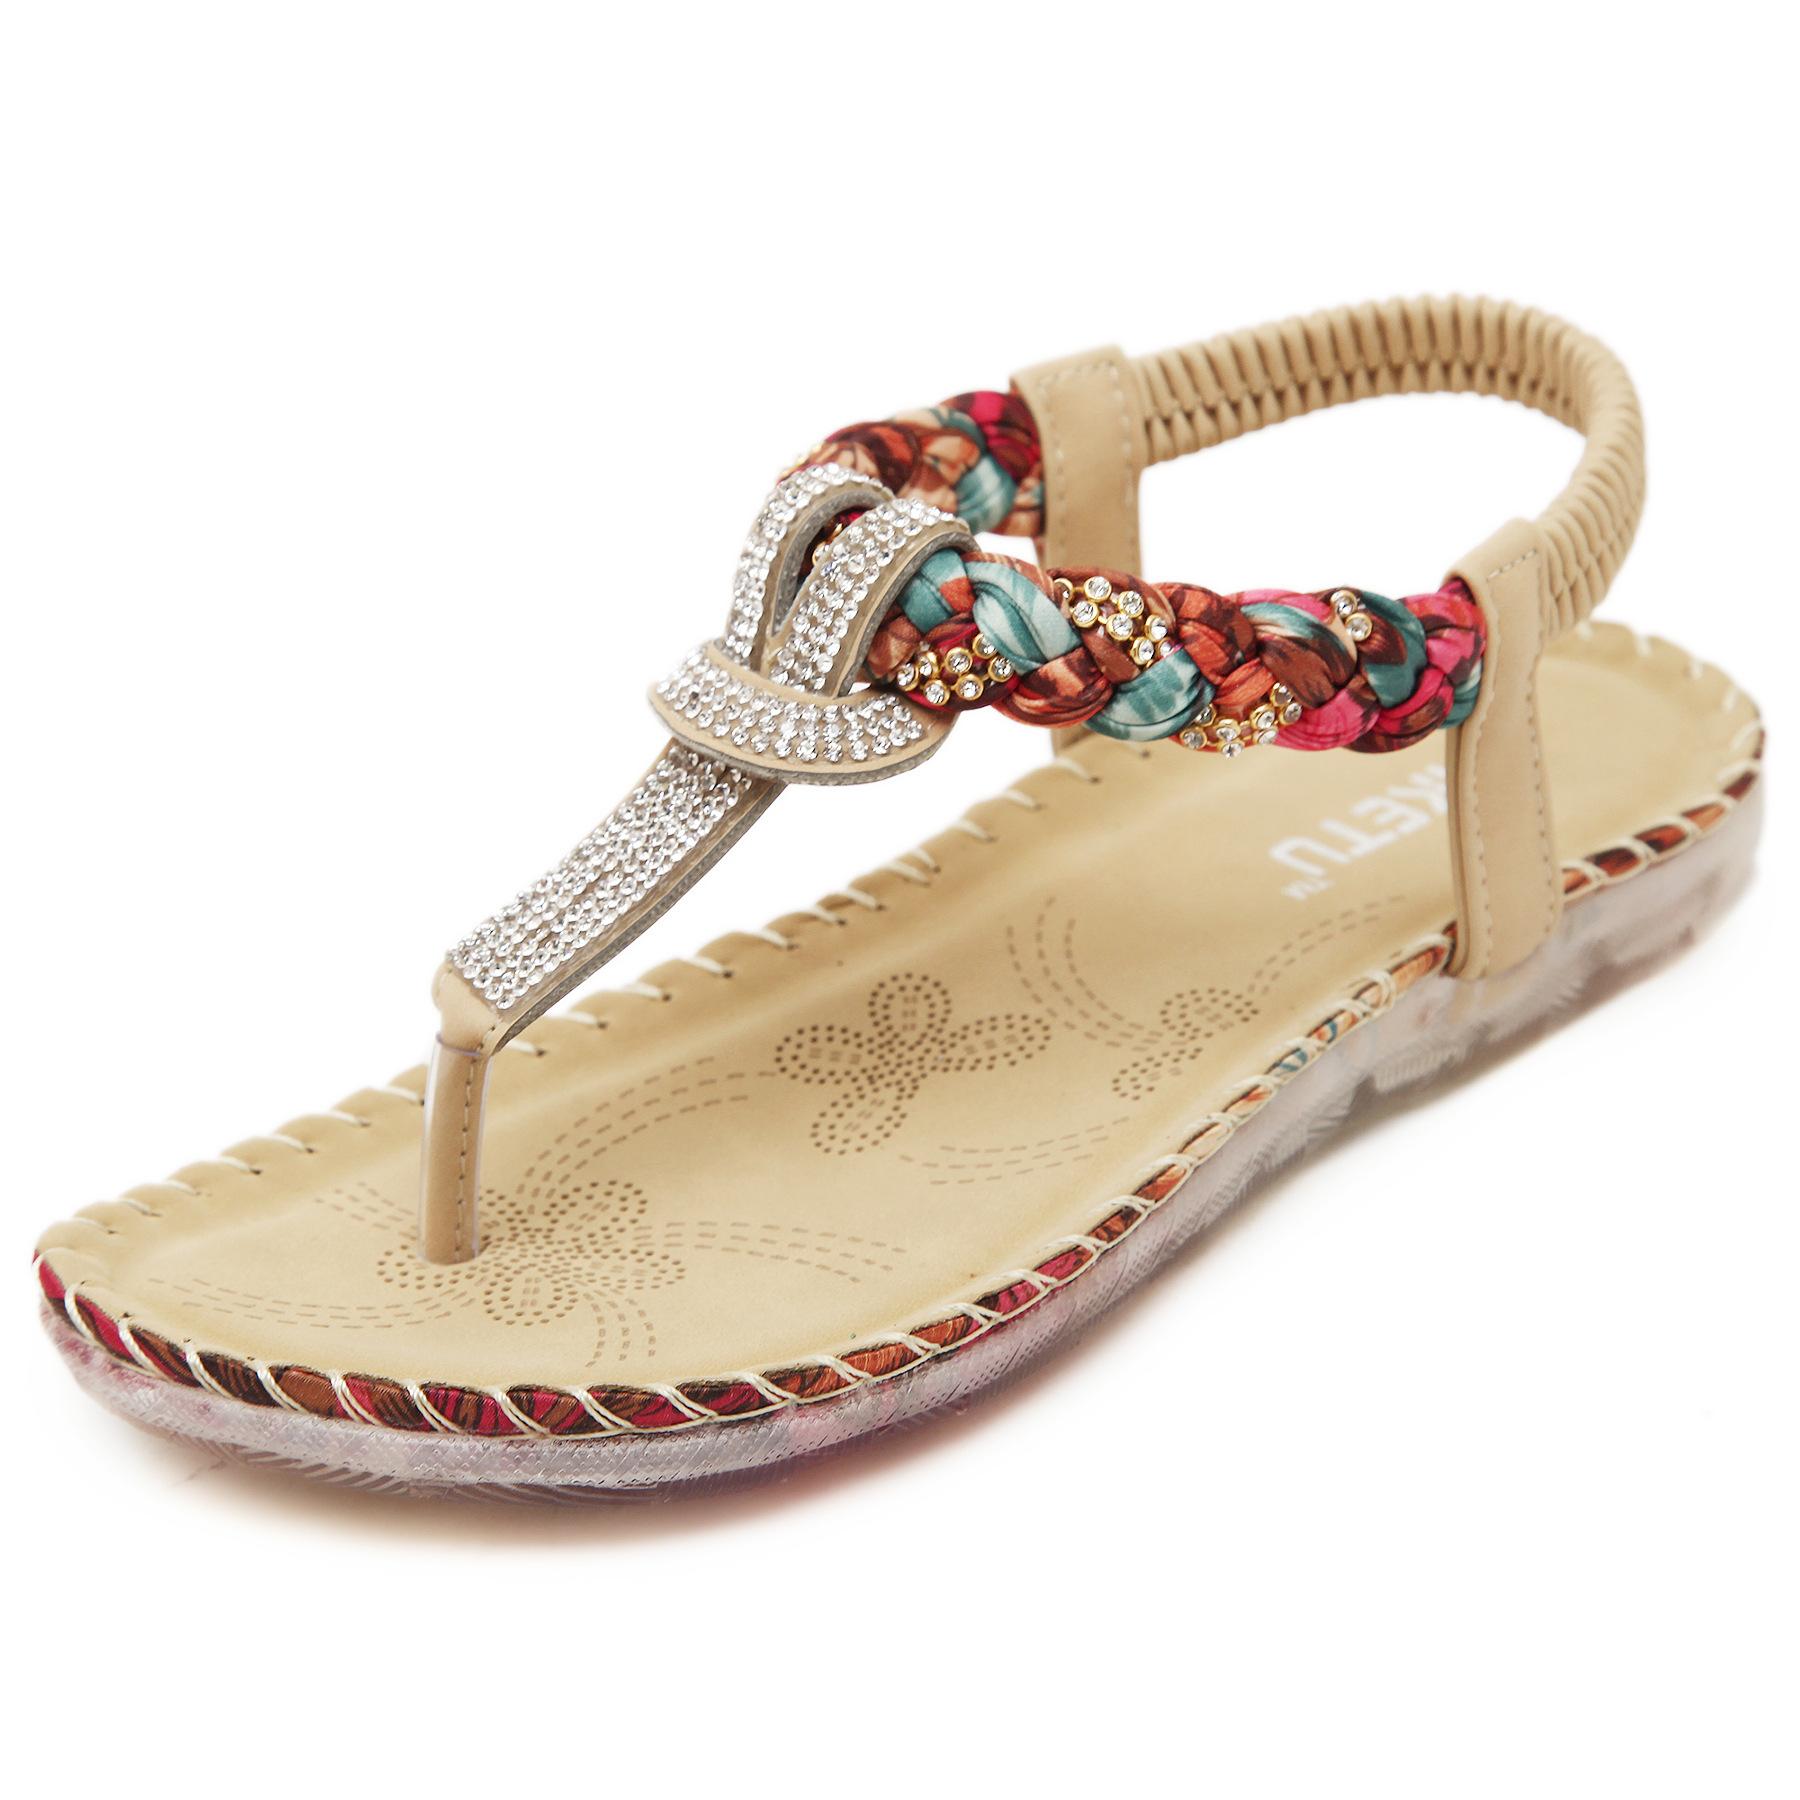 平跟罗马凉鞋 2021民族风平底夹趾凉鞋女夏波西米亚水钻串珠沙滩鞋平跟罗马女鞋_推荐淘宝好看的女平跟罗马凉鞋